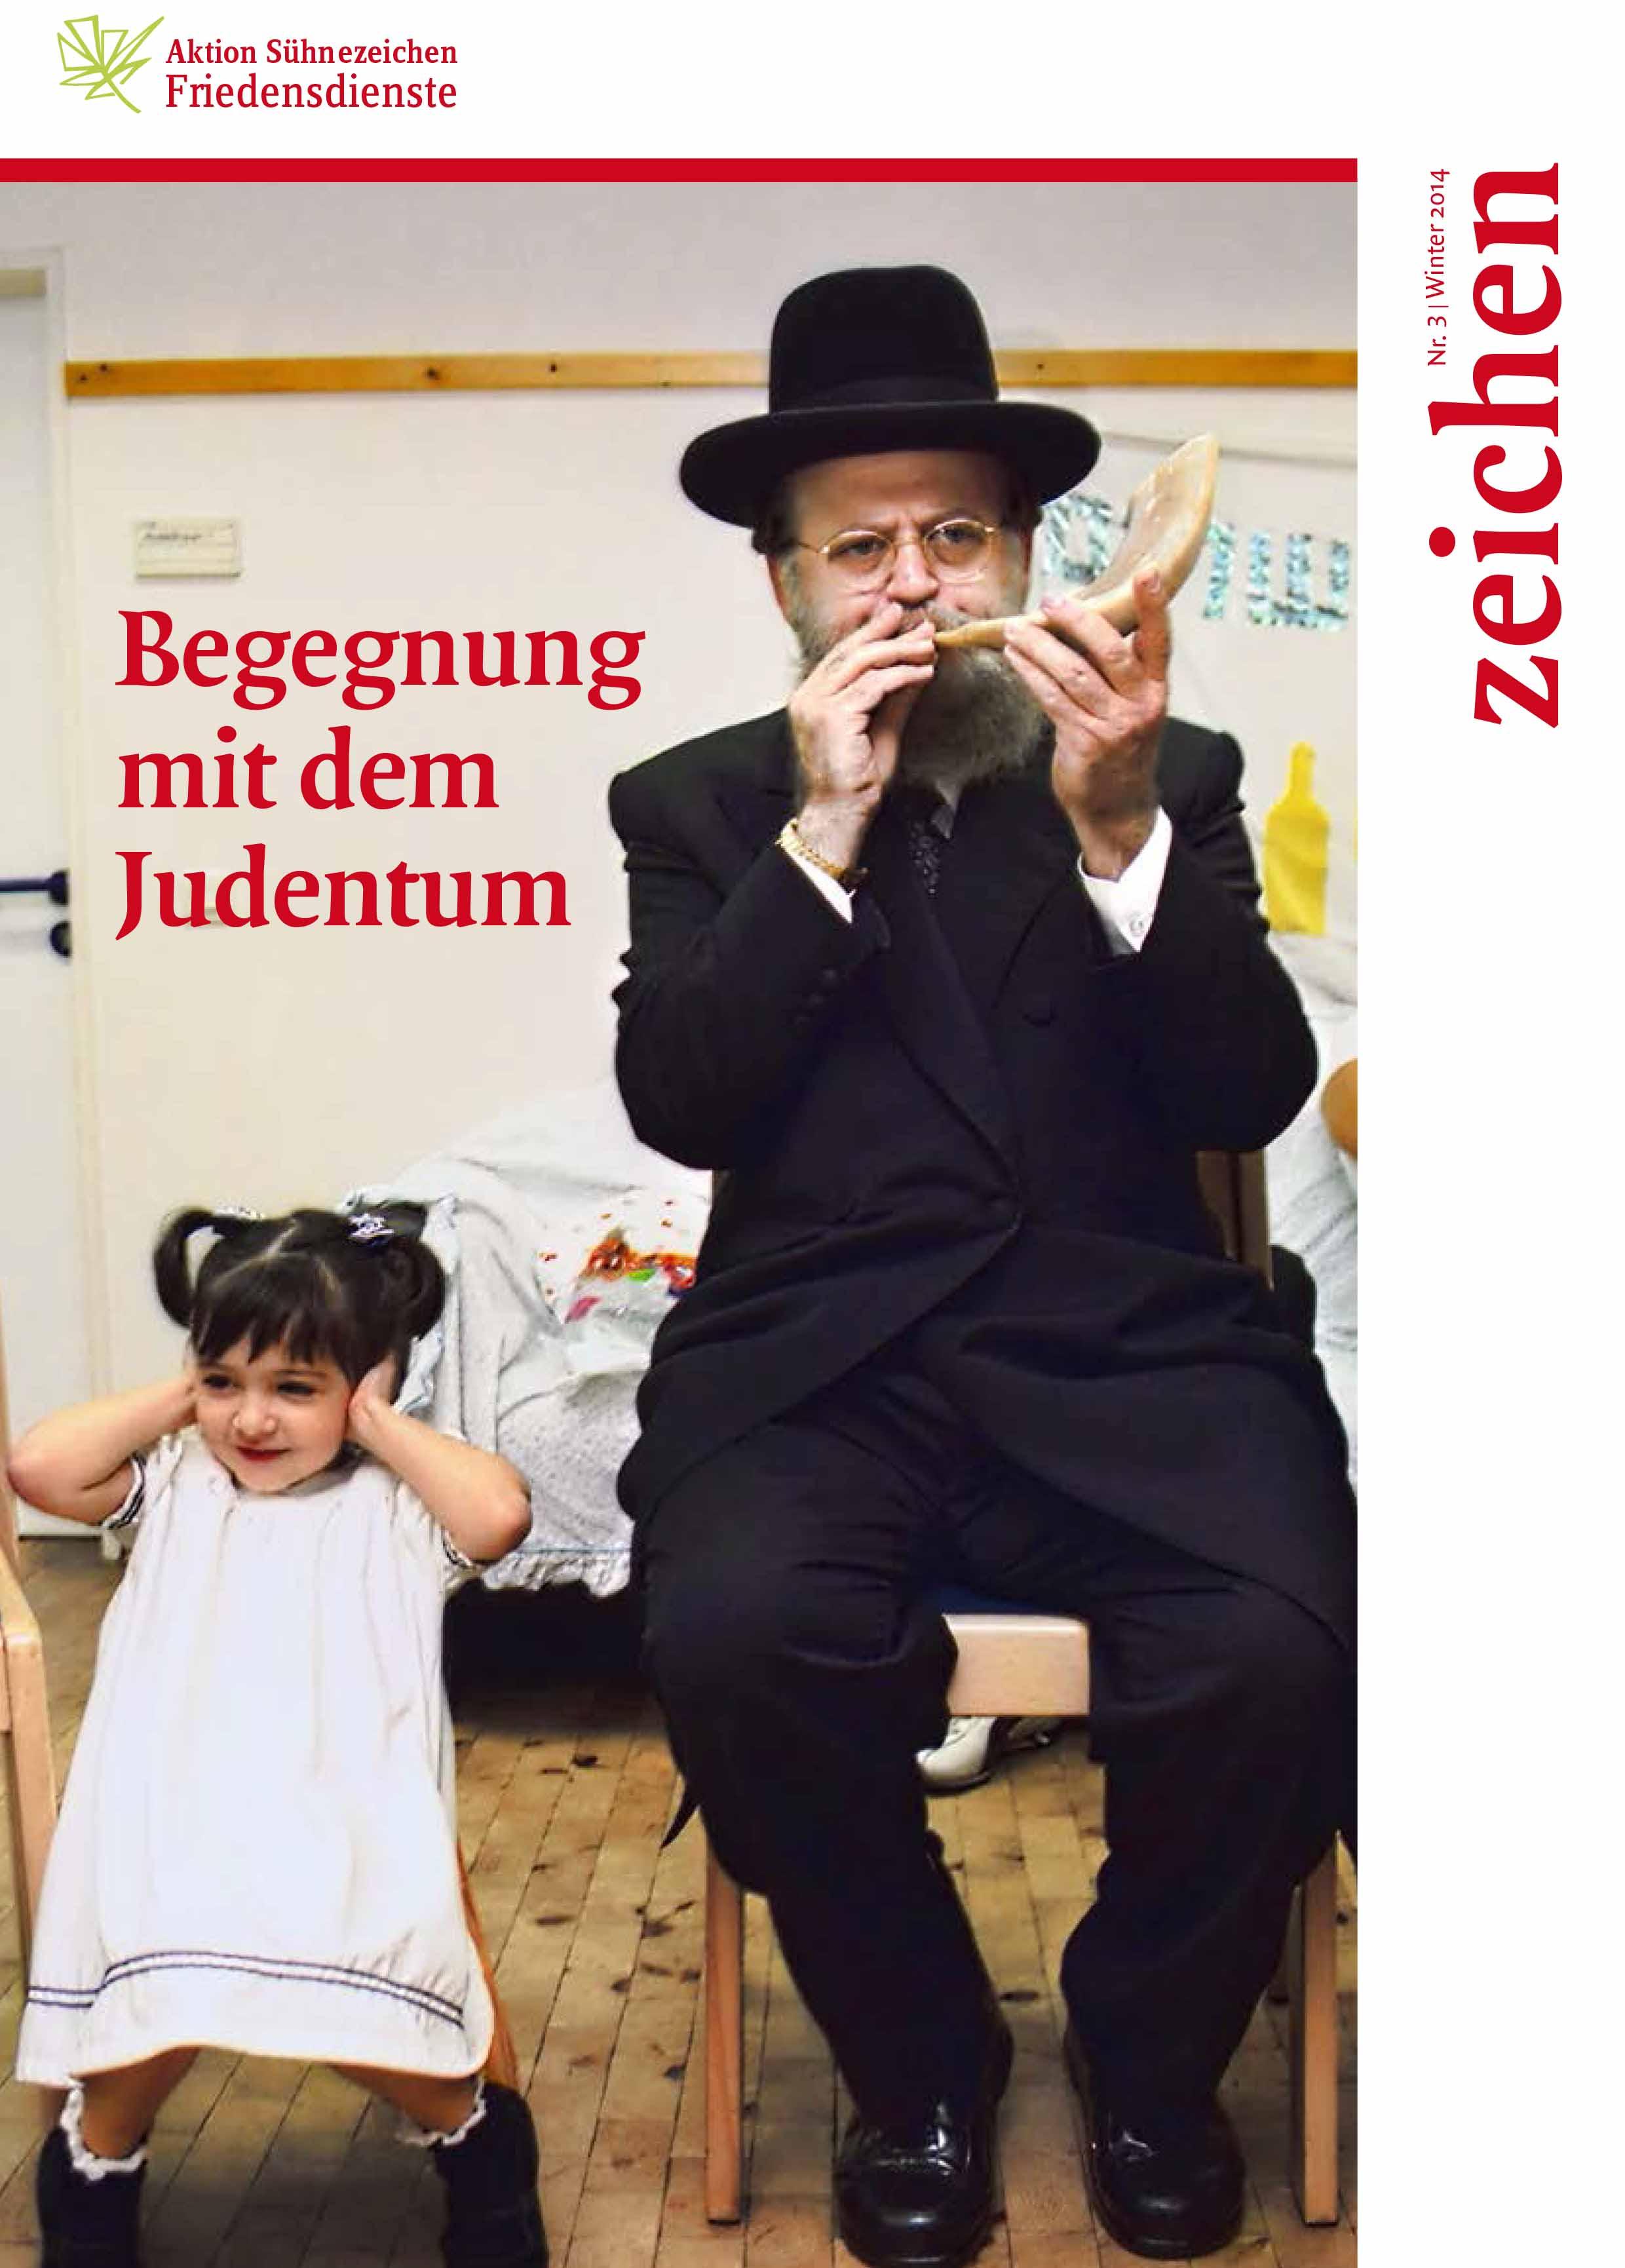 Aktion Sühnezeichen Friedensdienste e. V.   Begegnung mit dem Judentum